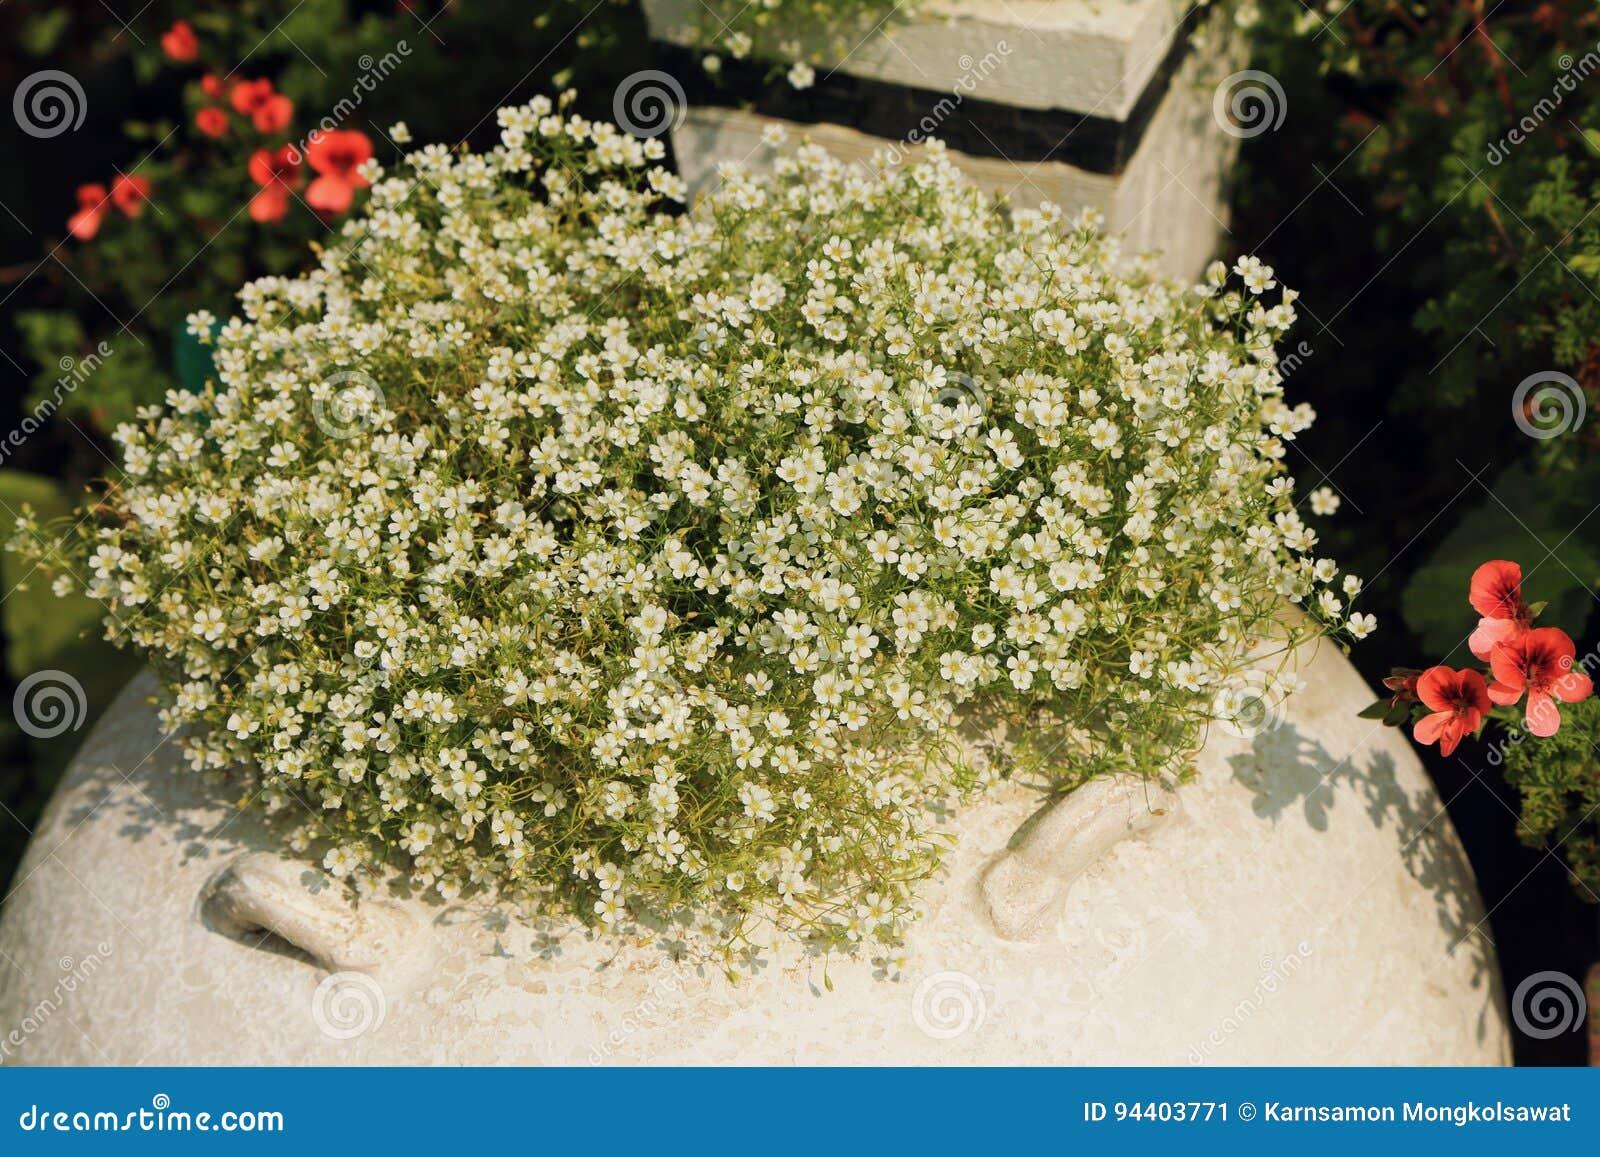 Vasi Bianchi Per Fiori Da Esterno.Bush Di Piccoli Fiori Bianchi In Vaso Da Fiori Decorato In